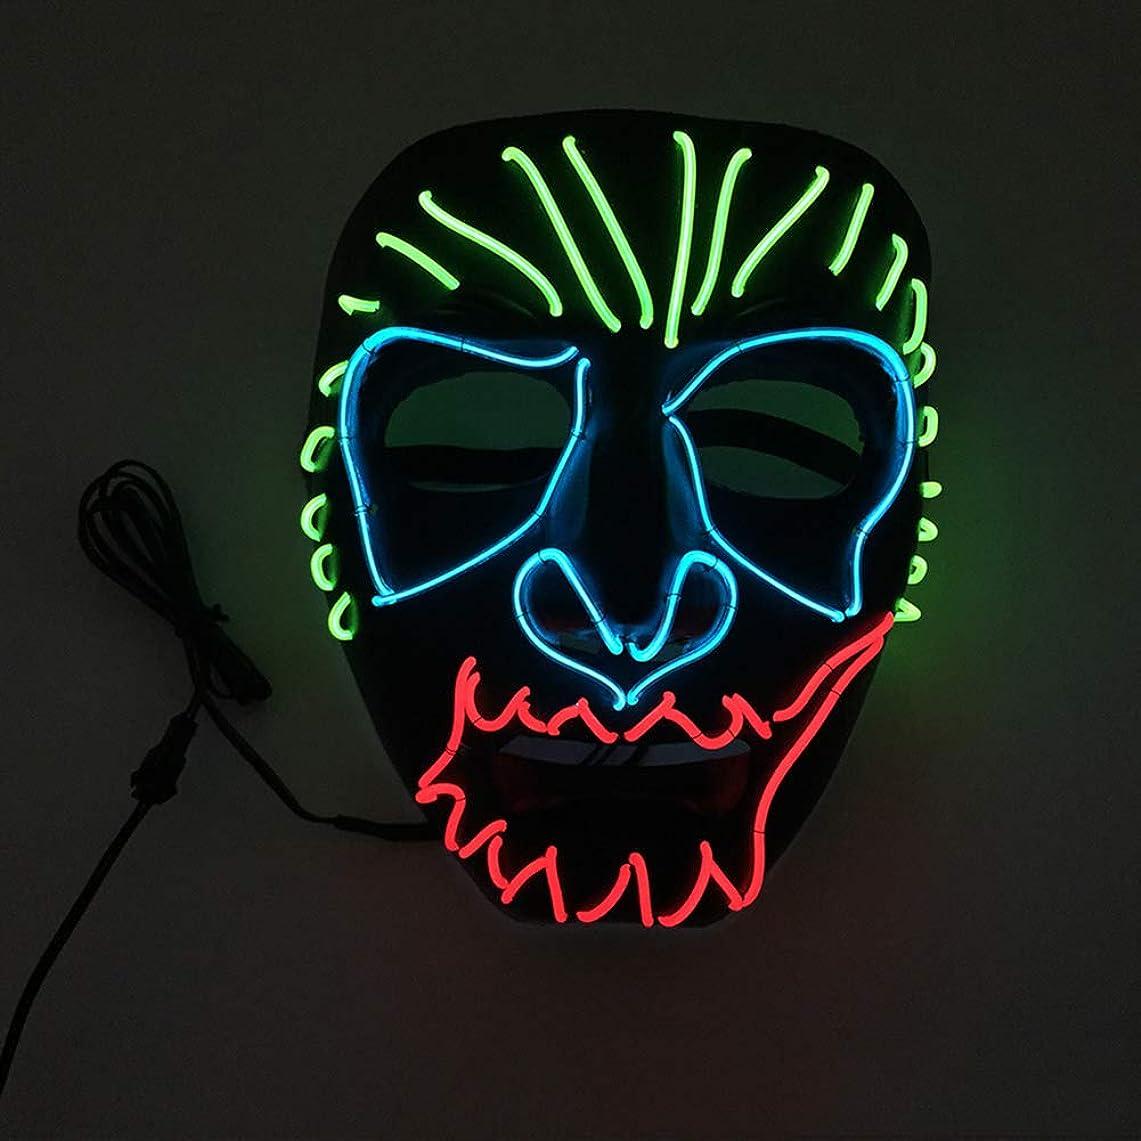 ミント畝間ステレオハロウィン イーグルキング クール テロ LED マスク コスプレ 化粧 プロム パーティー イルミネーション マスク (18×18Cm) MAG.AL